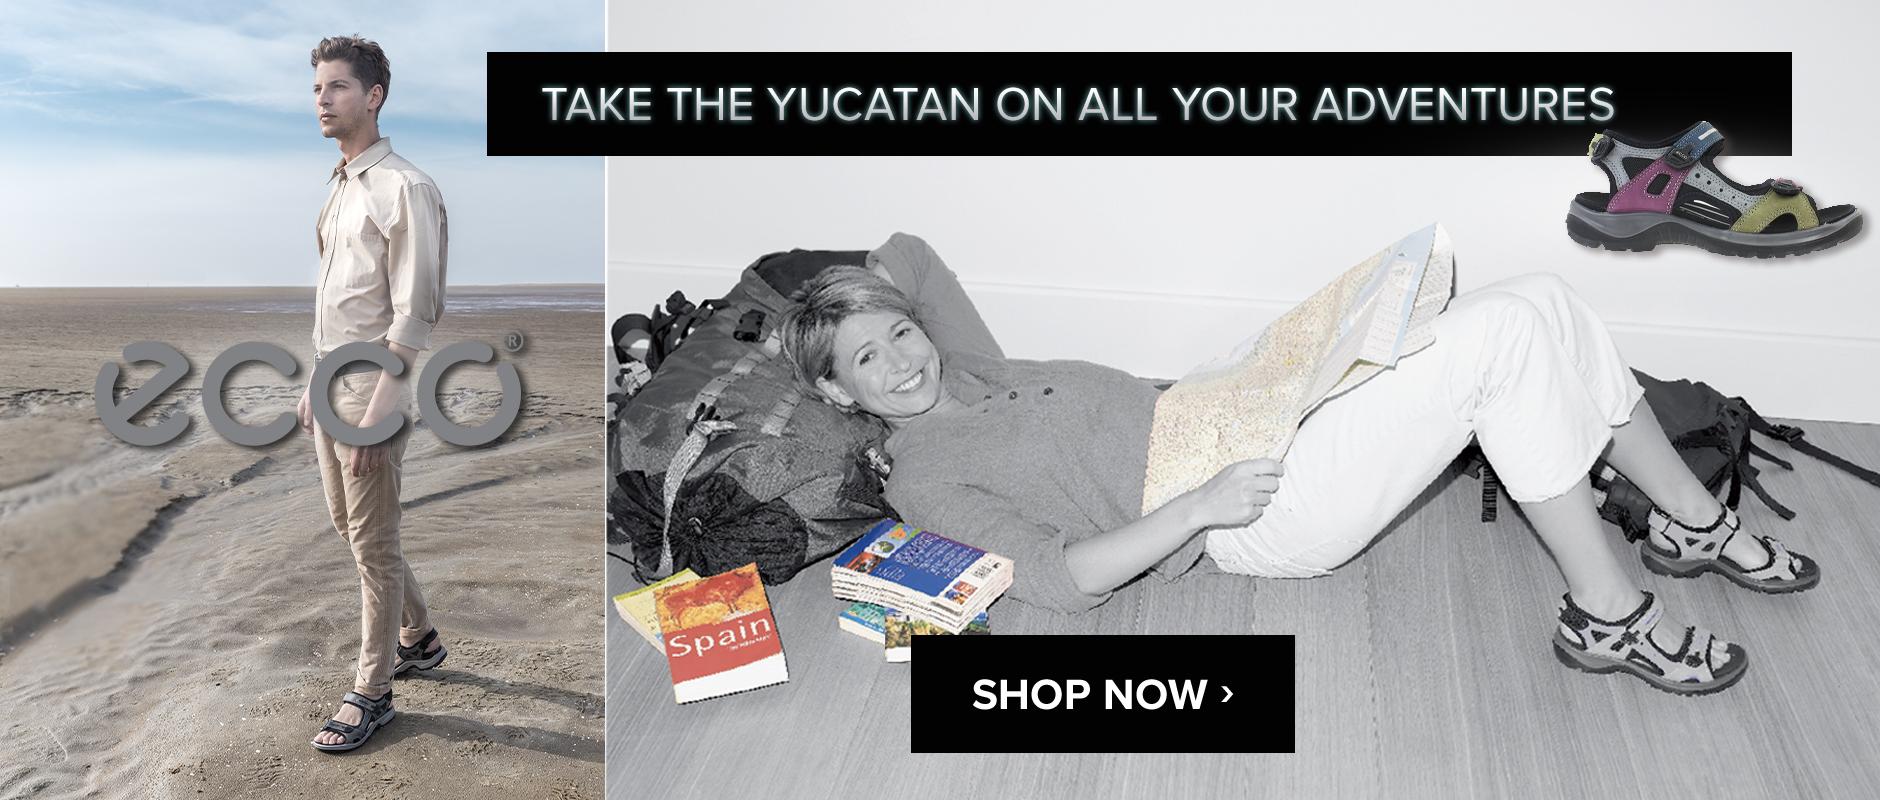 Ecco Yucatan